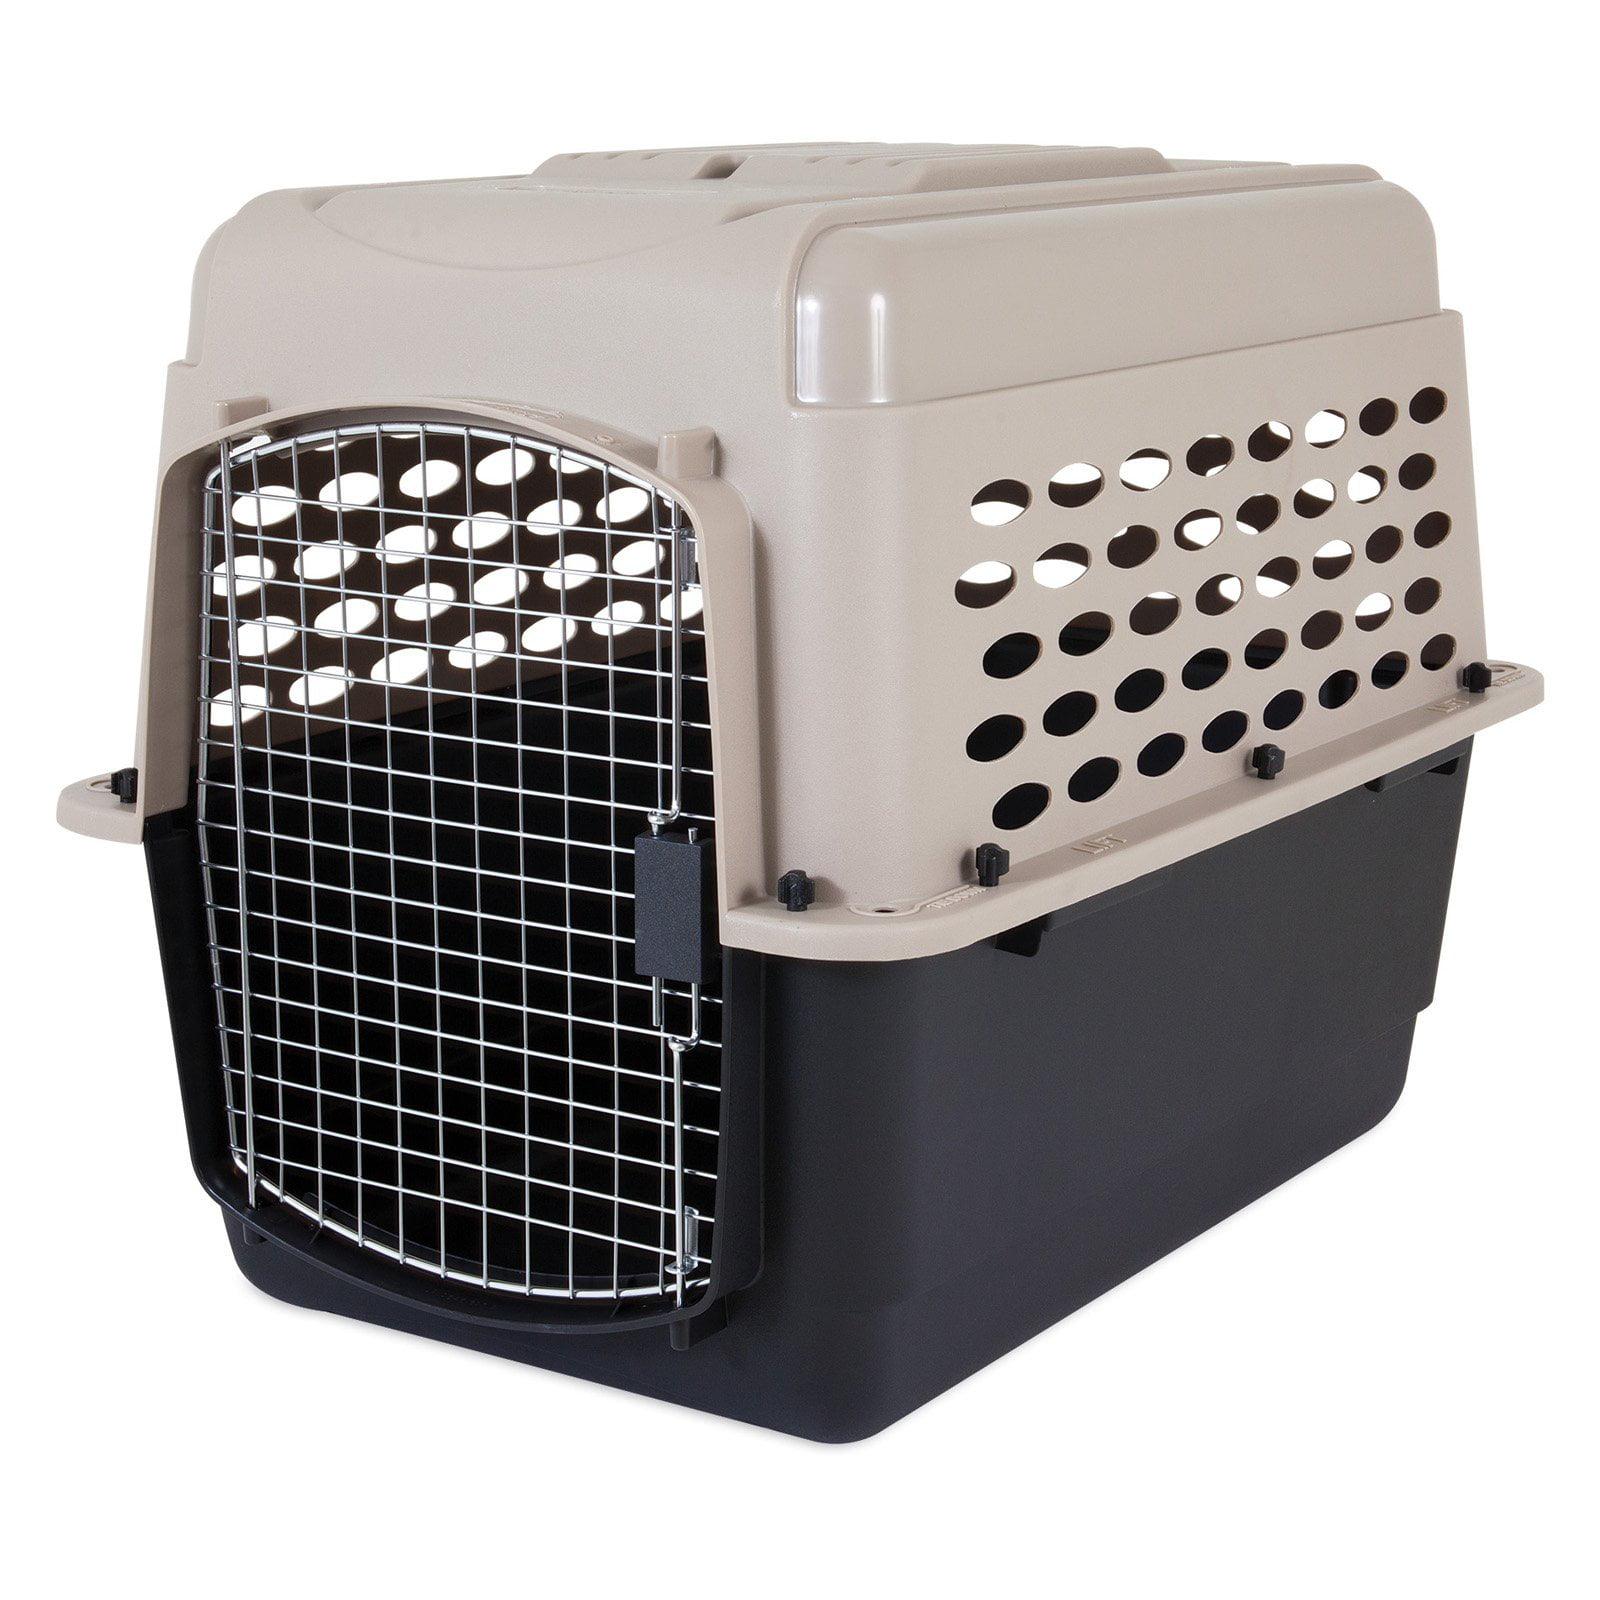 Petmate Portable Vari Kennel